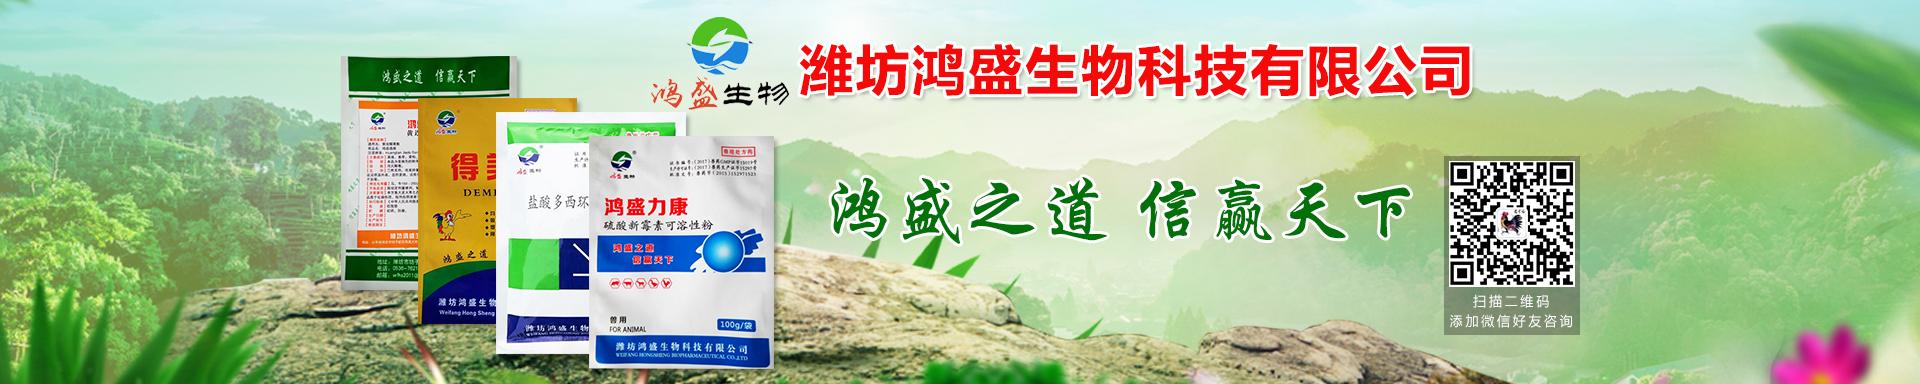 潍坊鸿盛生物科技有限公司